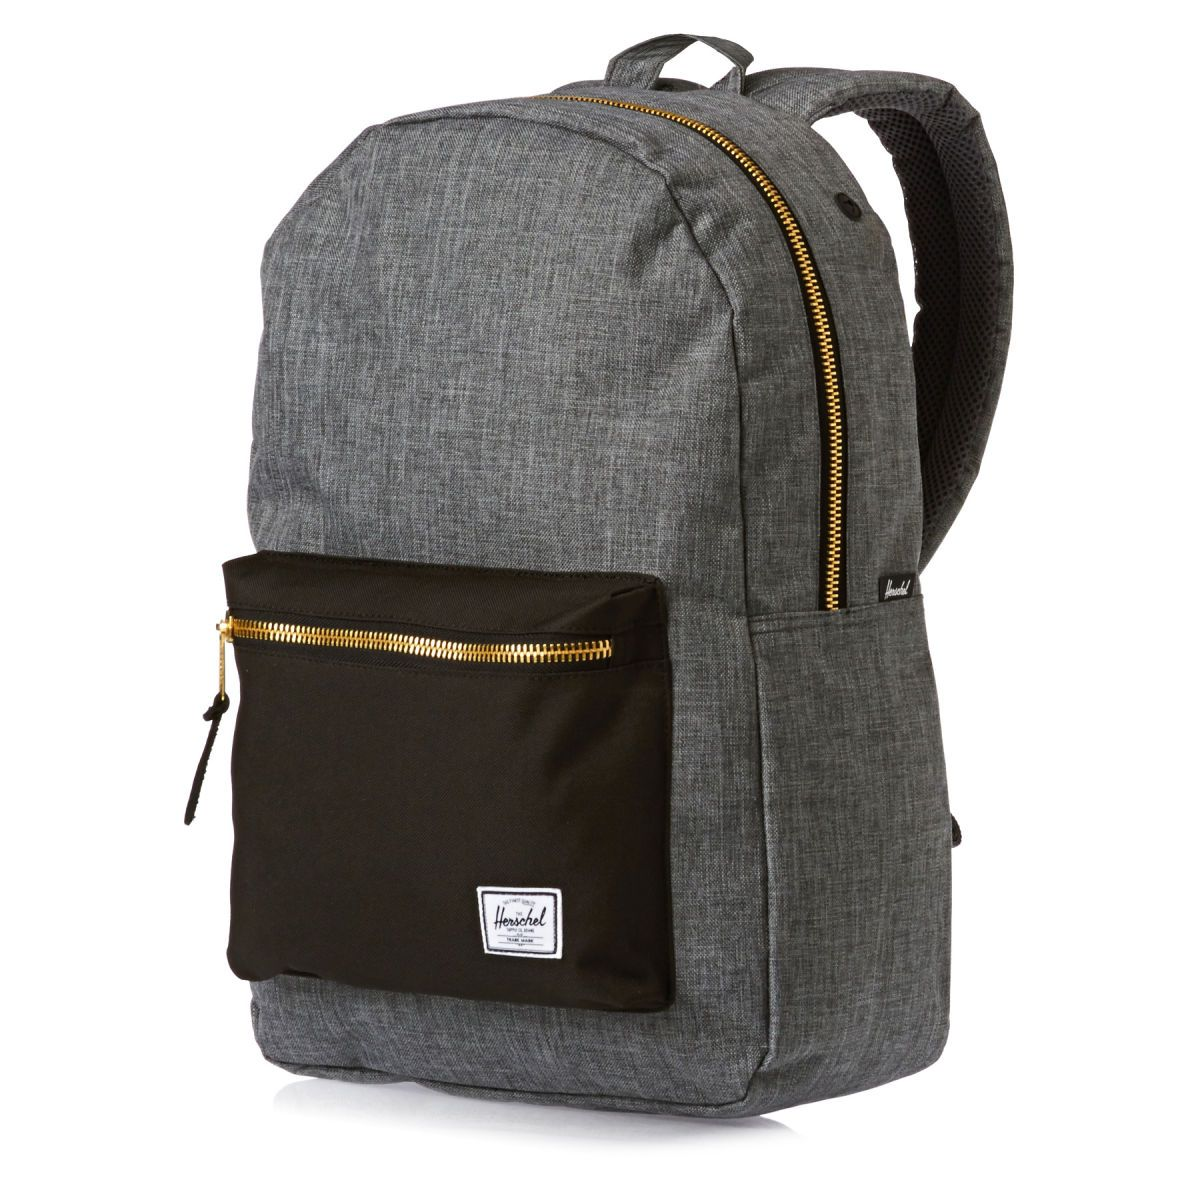 School bag herschel - Herschel Backpacks Herschel Settlement Backpack Charcoal Crosshatch Black